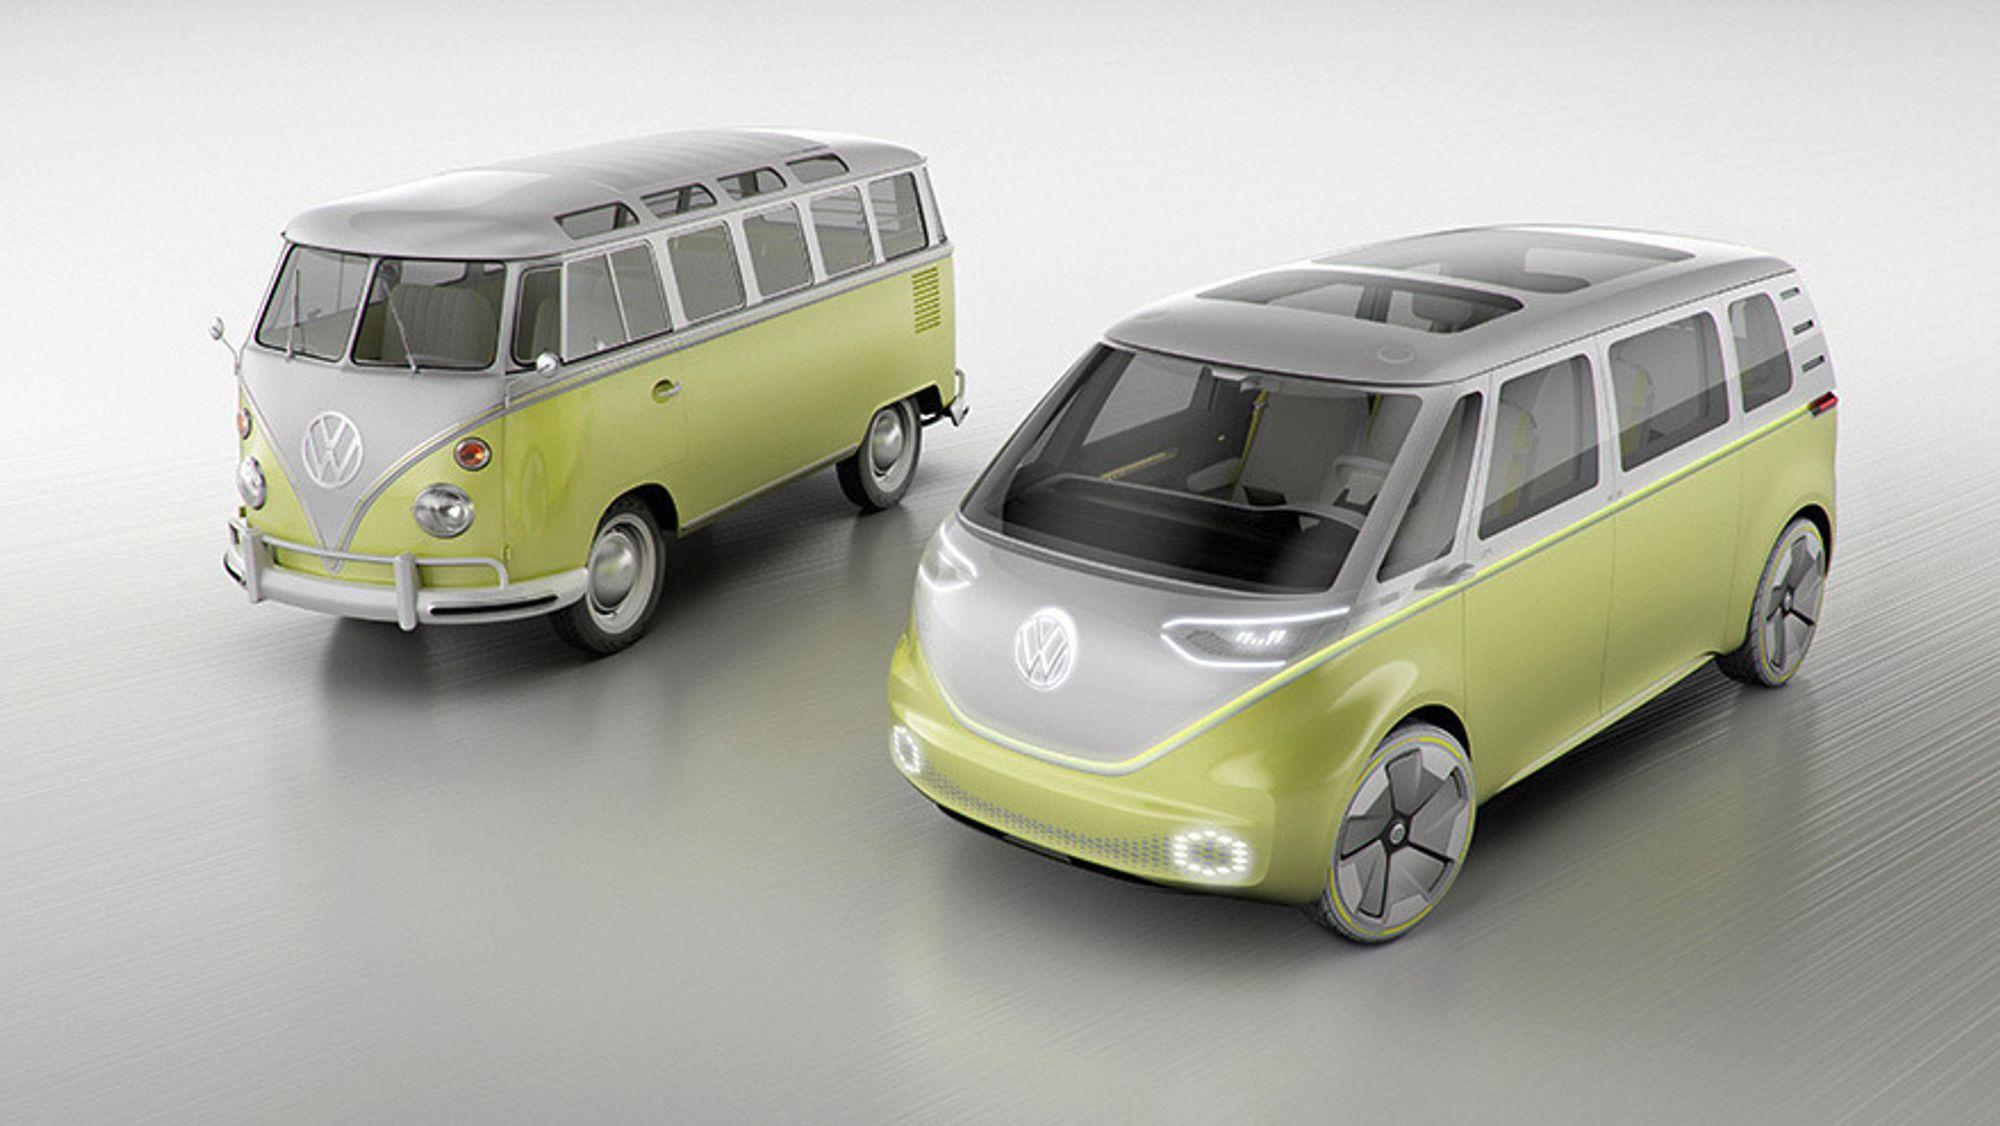 Konseptet I.D. Buzz er inspirert av Volkswagen Type 2, som ble introdusert for 70 år siden.